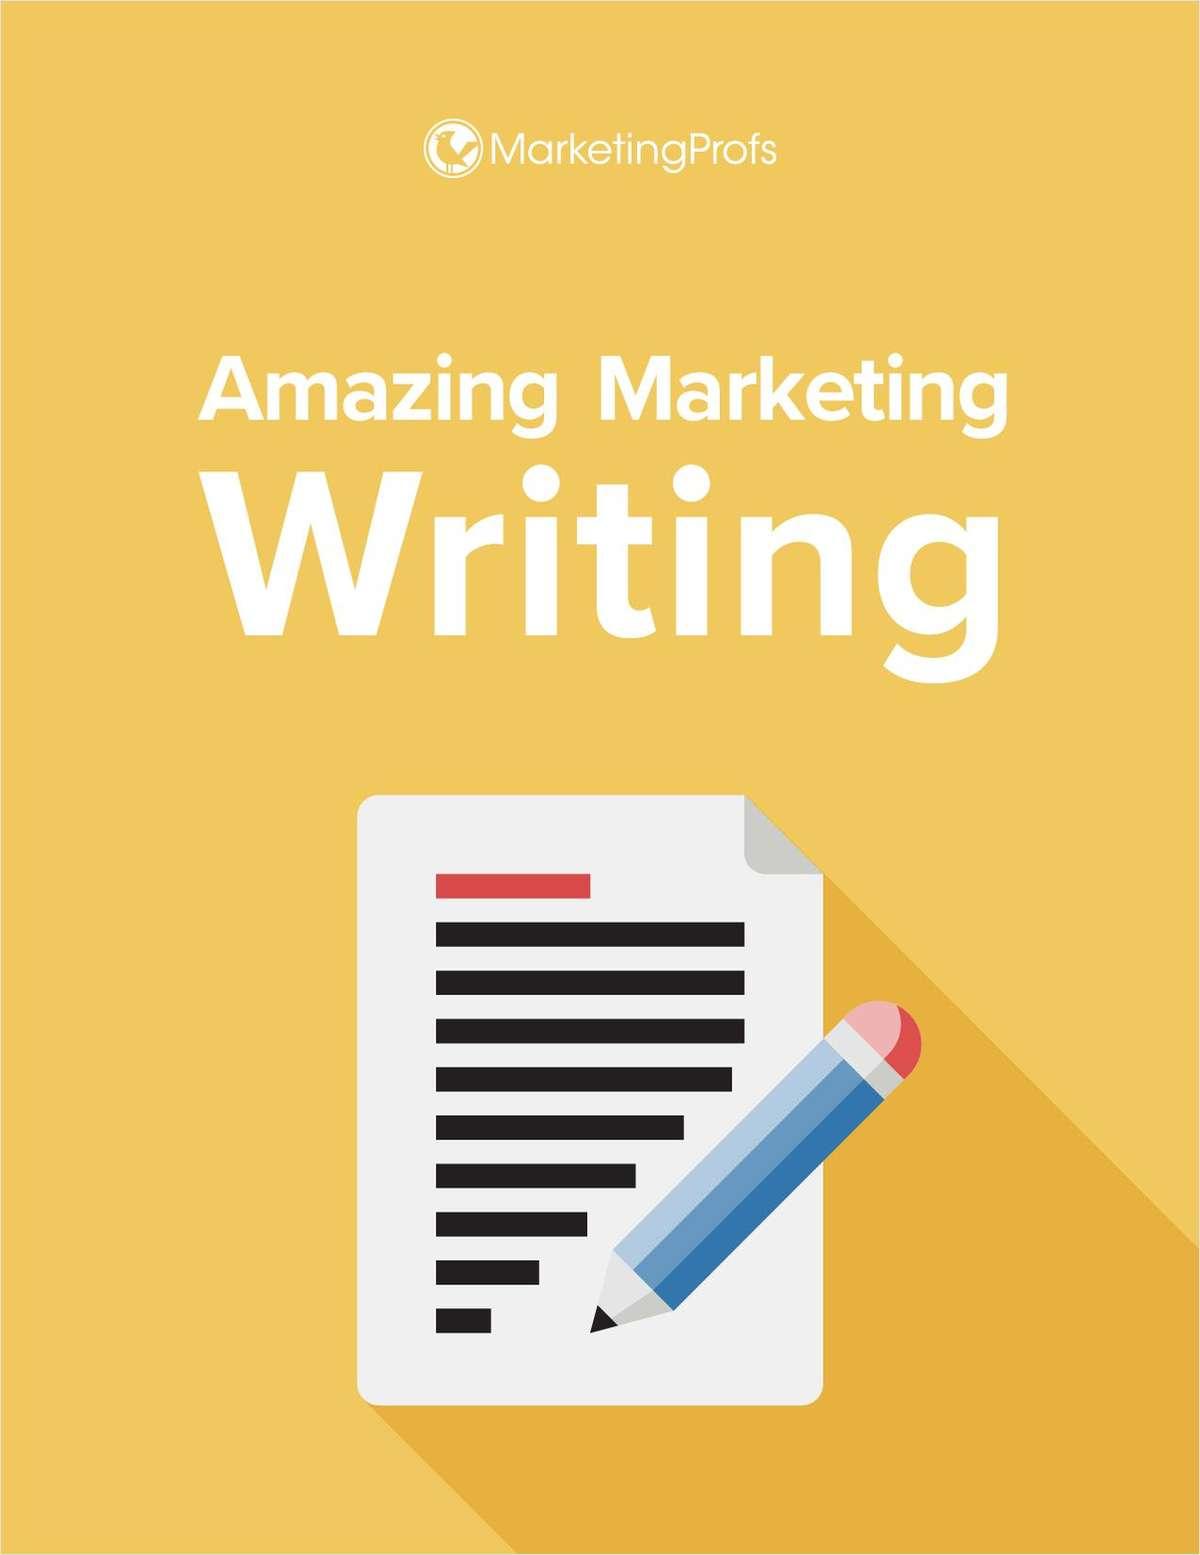 Amazing Marketing Writing